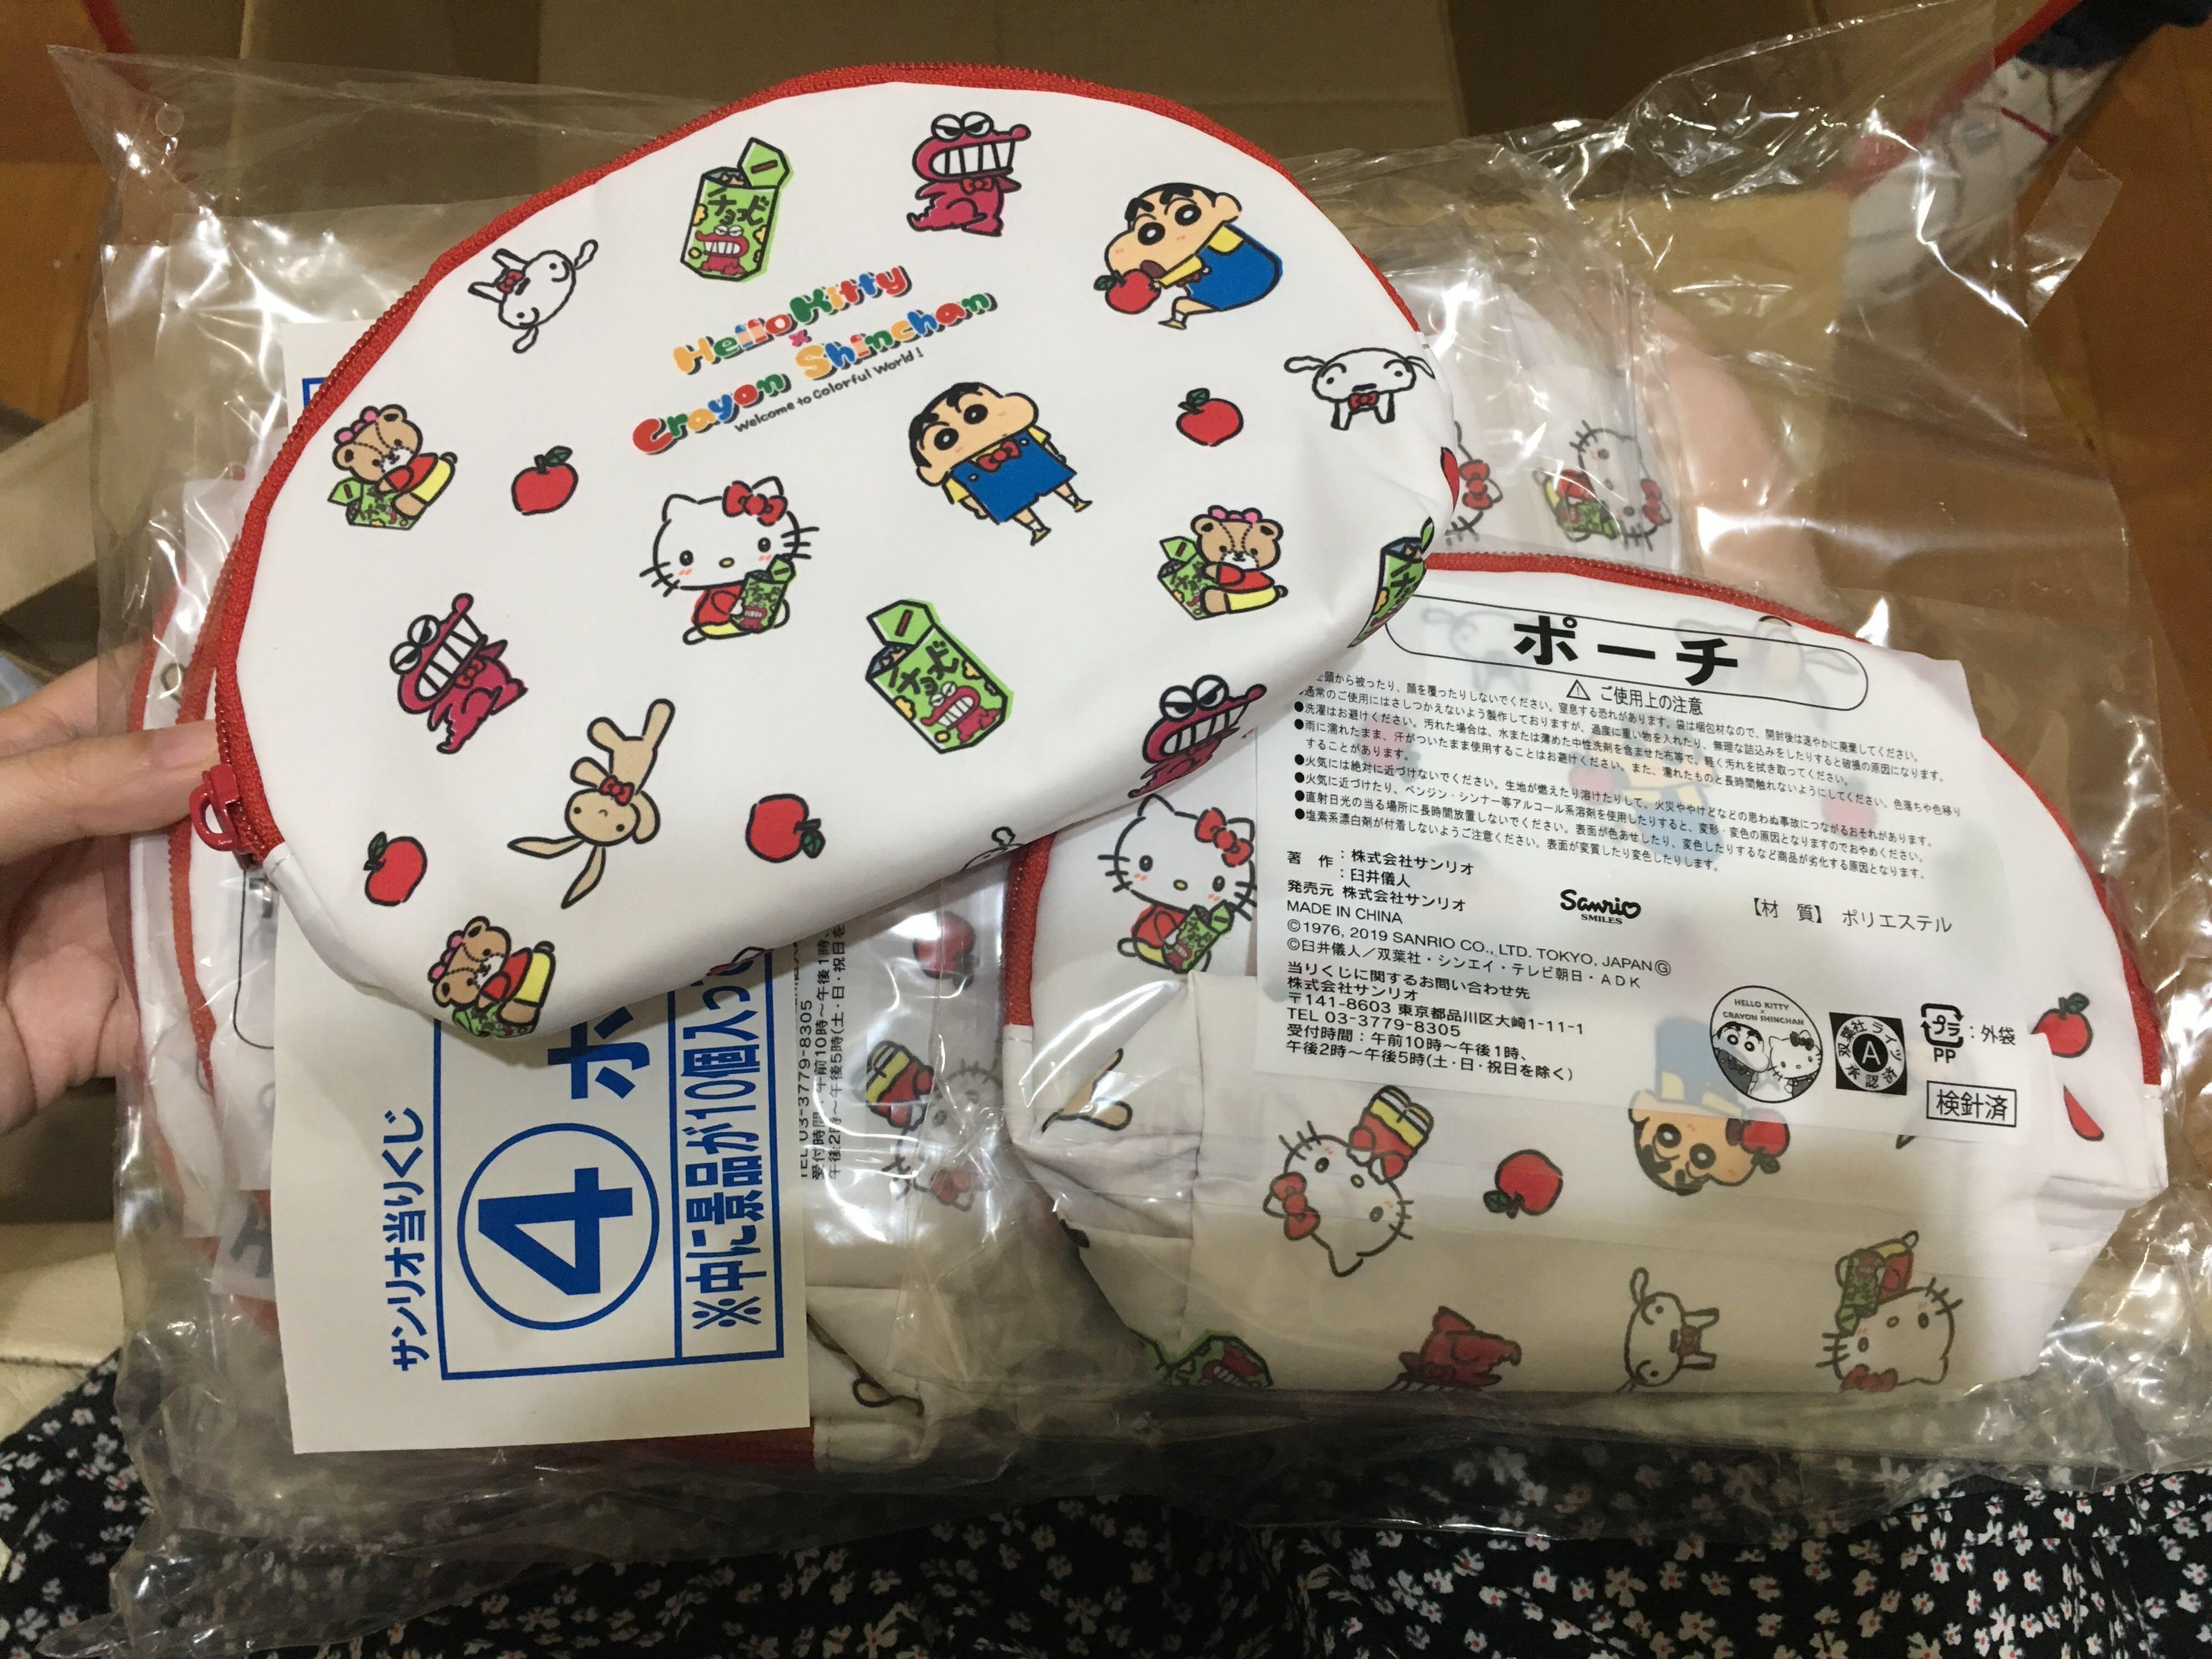 蠟筆小新 x Hello Kitty 一番賞! 時鐘🕤鏡🤳化妝袋💄筆盒✍🏽簿仔 蠟筆小生 不理不理左衛門 Shinchan